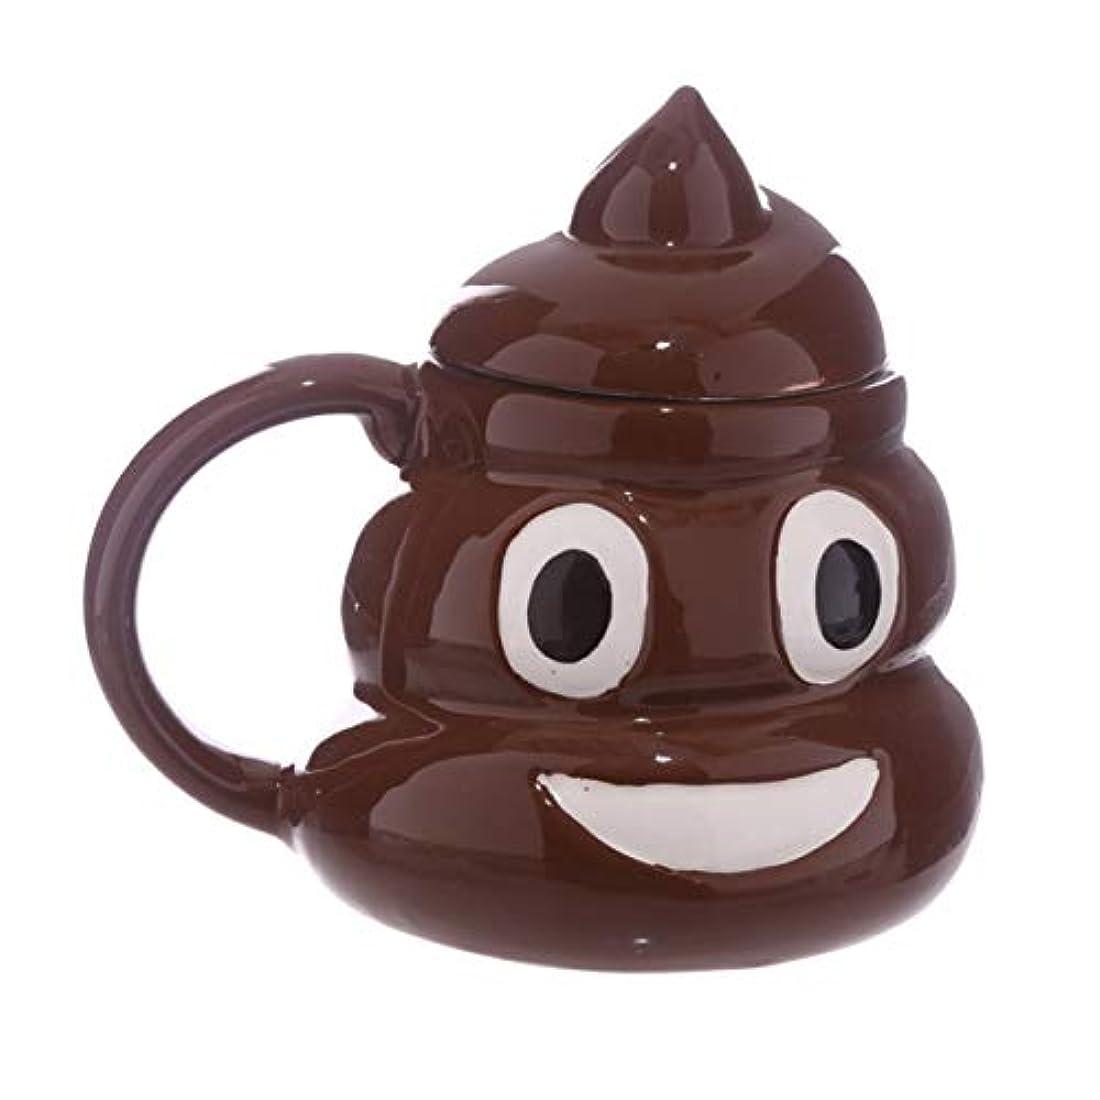 はさみ迷路Saikogoods 3Dおかしい絵文字マグ特殊セラミックコーヒーカップかわいいティーカップ磁器カップノベルティミルクマグフレンズファミリーギフト 褐色